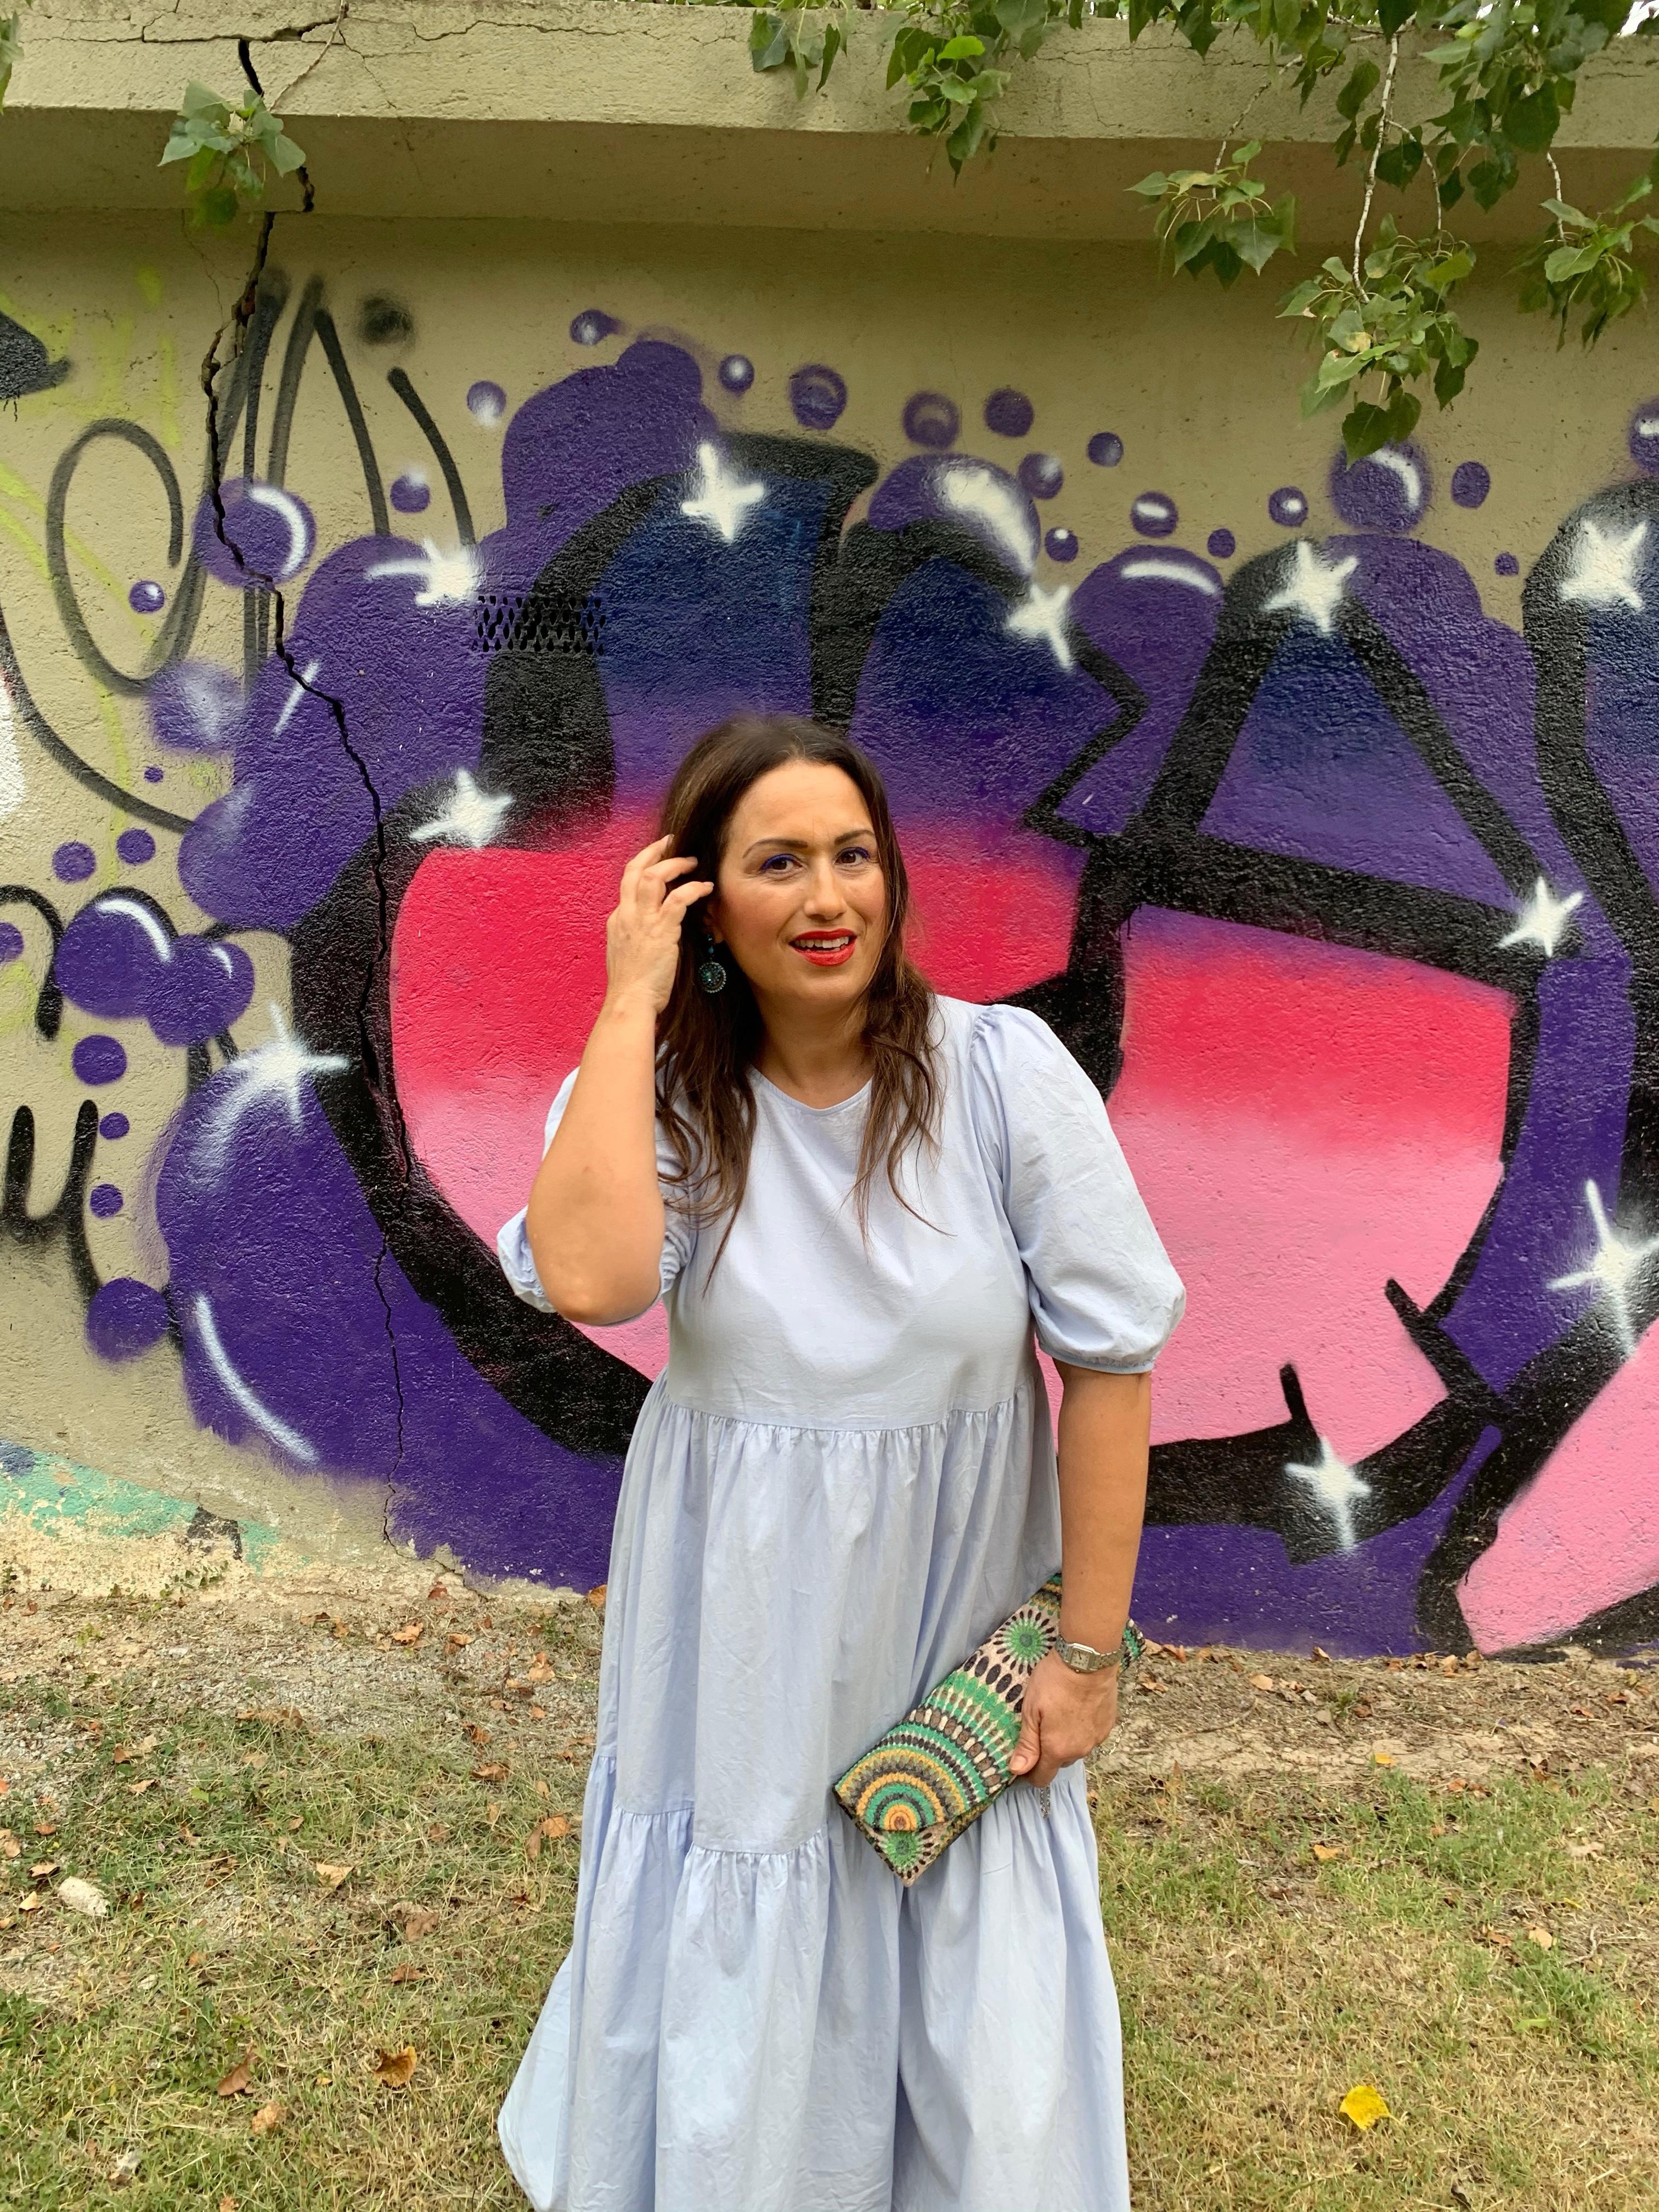 Vestido-babydoll-azul-celeste-whynotshopper-whynot-shopper-consejos-bloggeros-blogger-style-tendencias-que-me-pongo